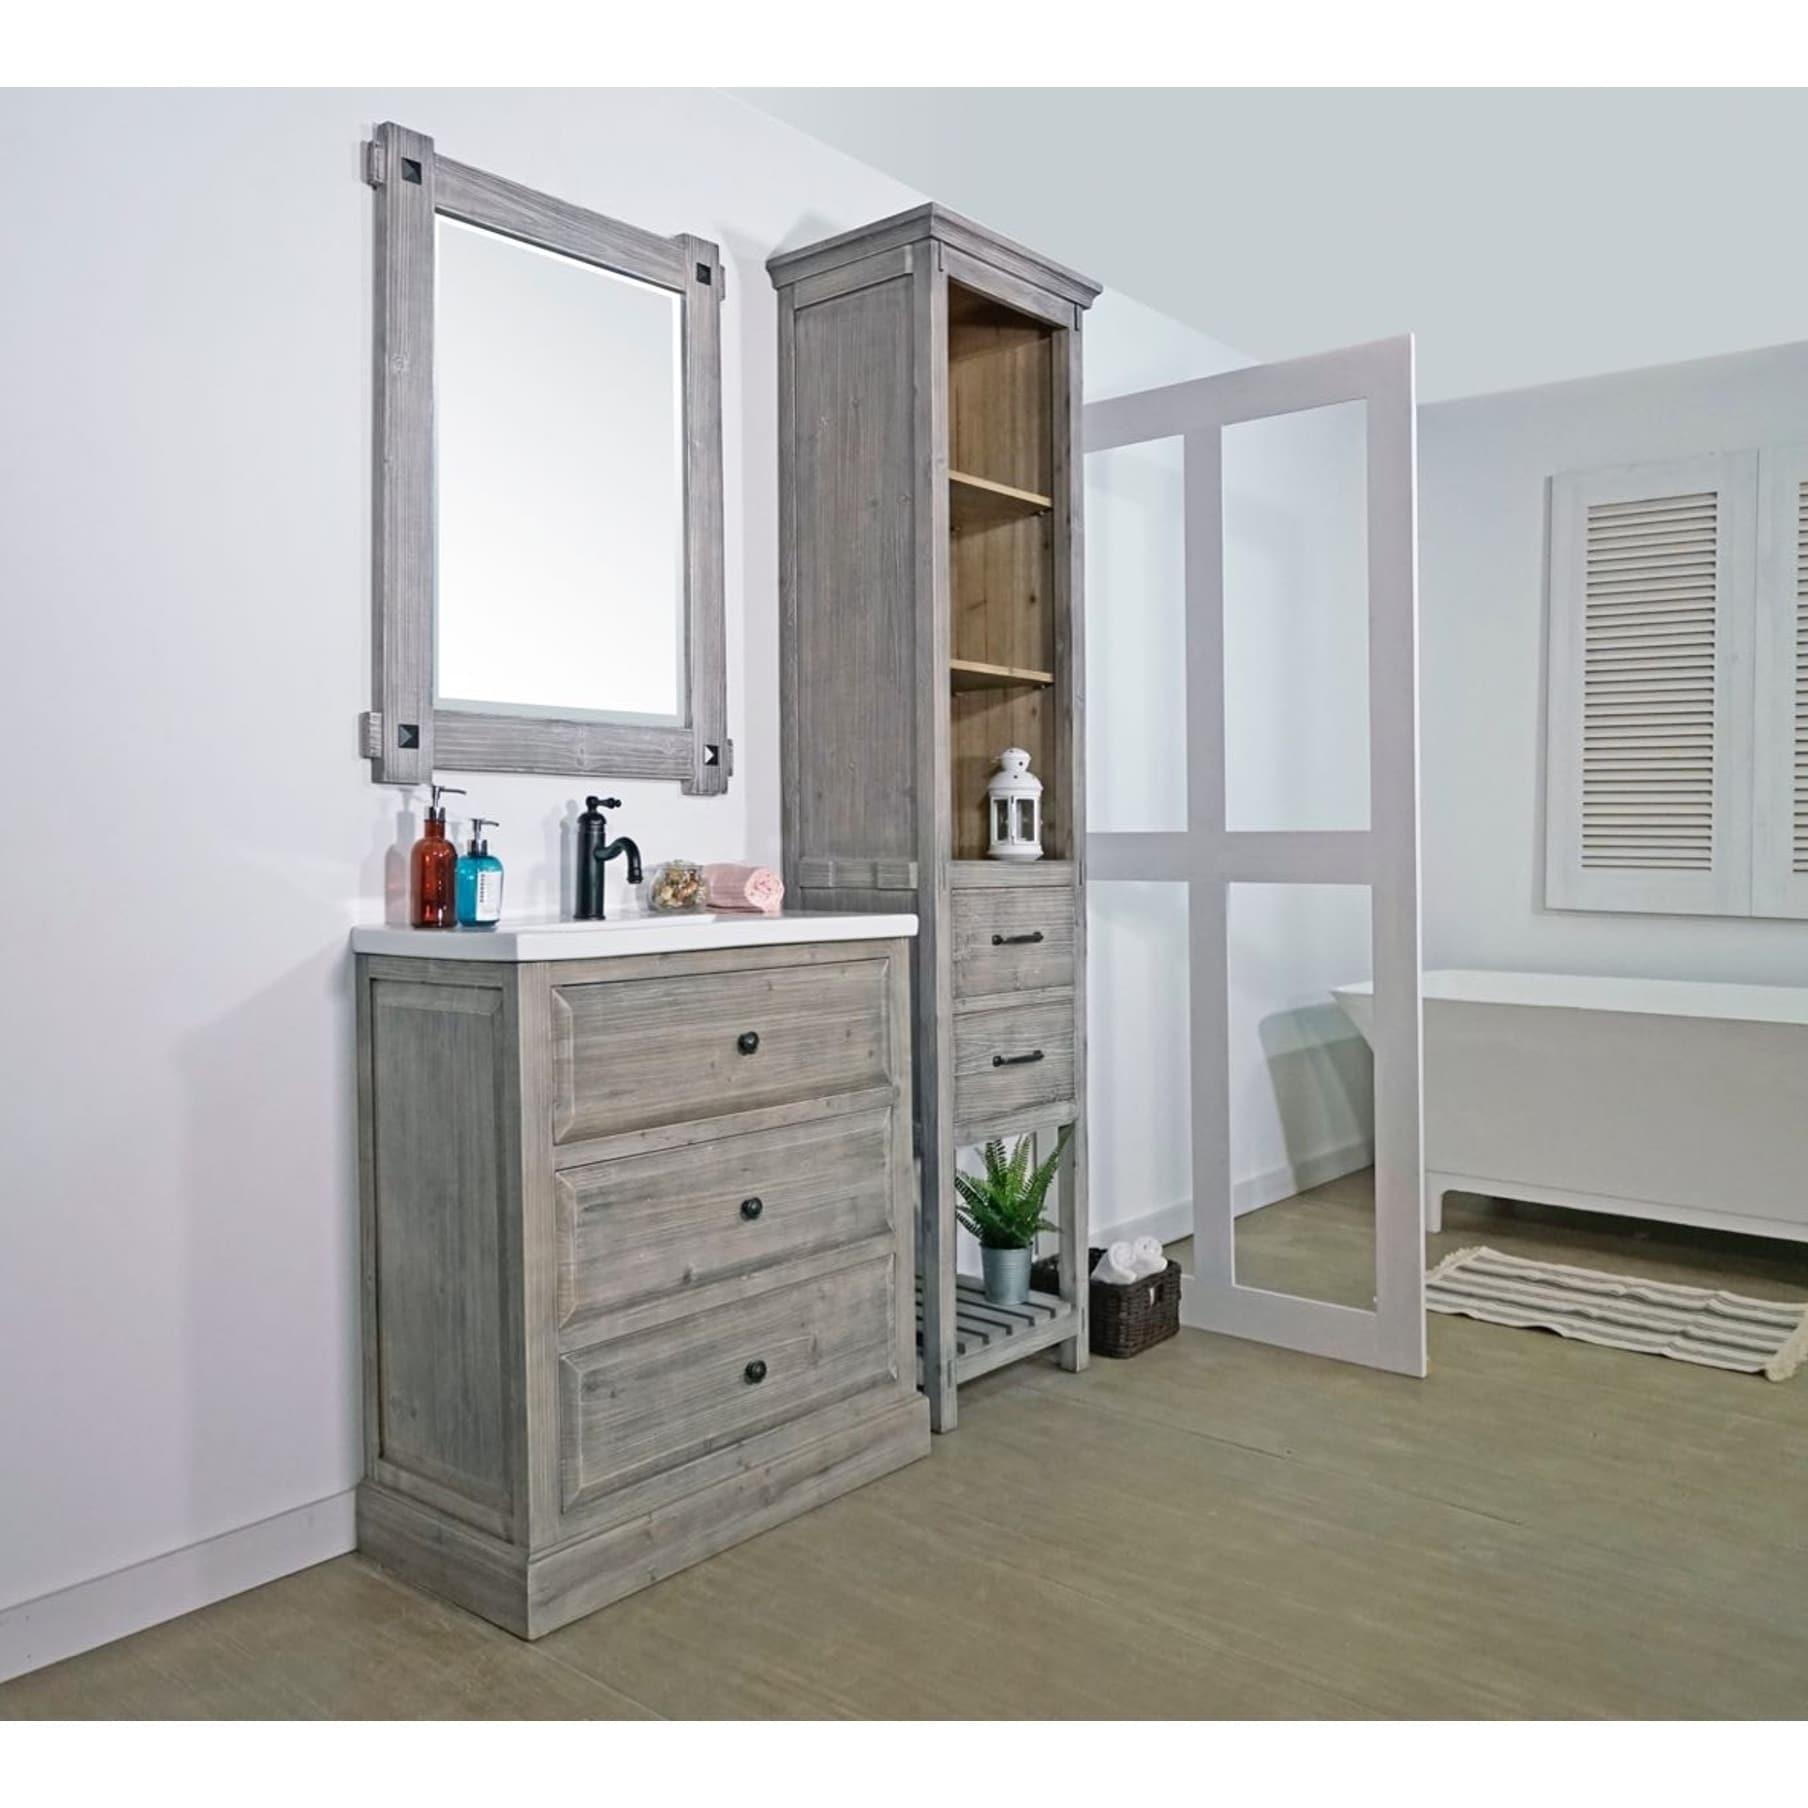 Buy single bathroom vanities vanity cabinets online at overstock our best bathroom furniture deals